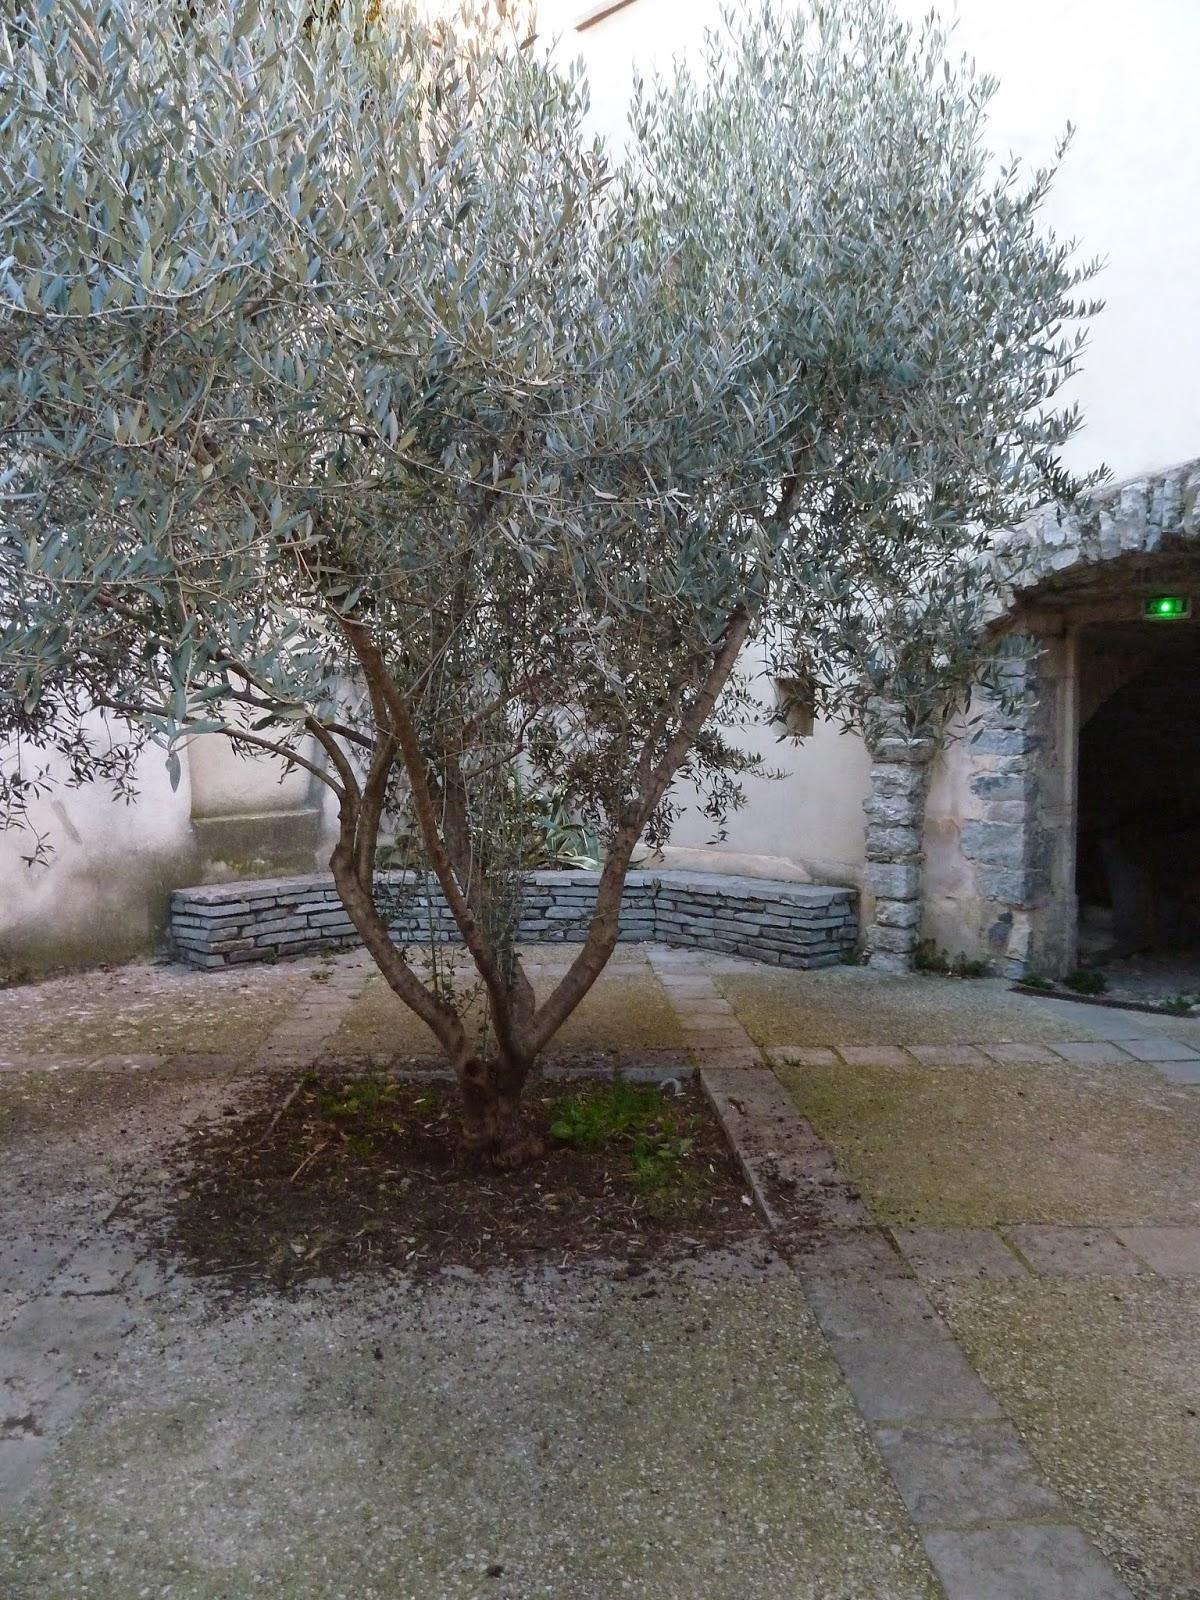 [CR] GTH34, de Bédarieux à Montpellier. Du 03 au 07 mars 2015. P1070085